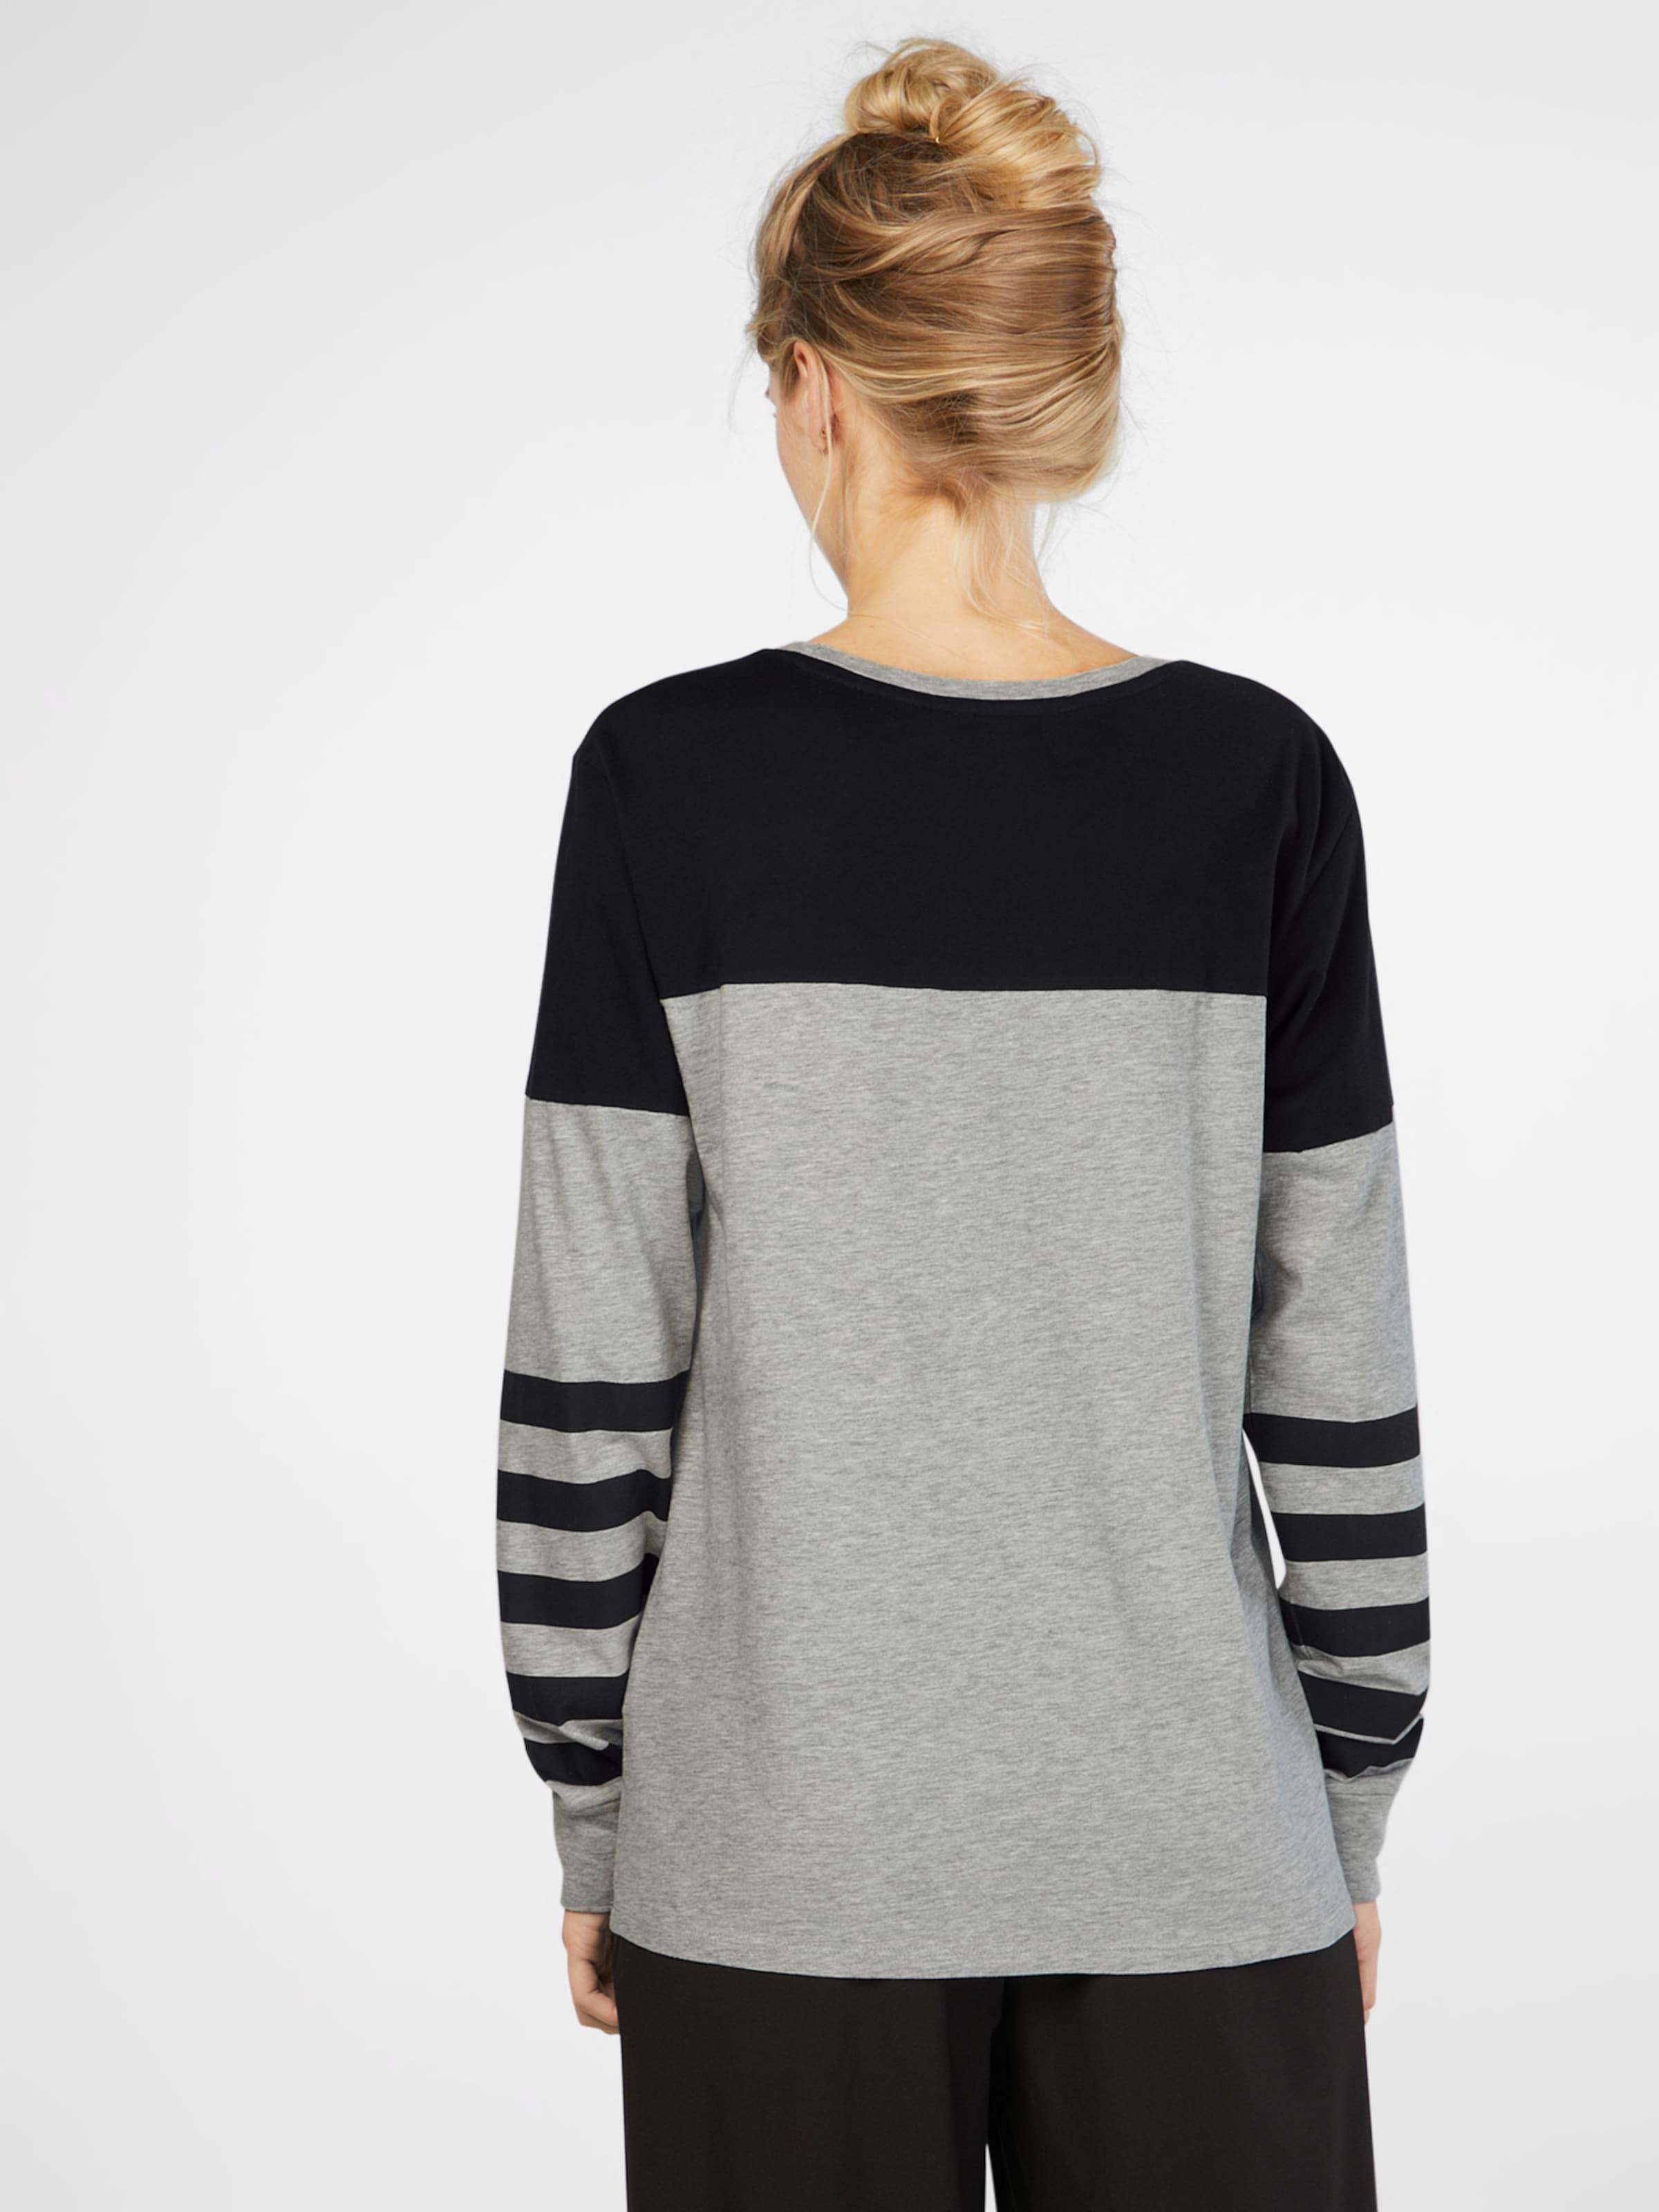 Günstig Kaufen Sammlungen ELEMENT Shirt 'LUCKY' Outlet Top-Qualität xYK660Ie